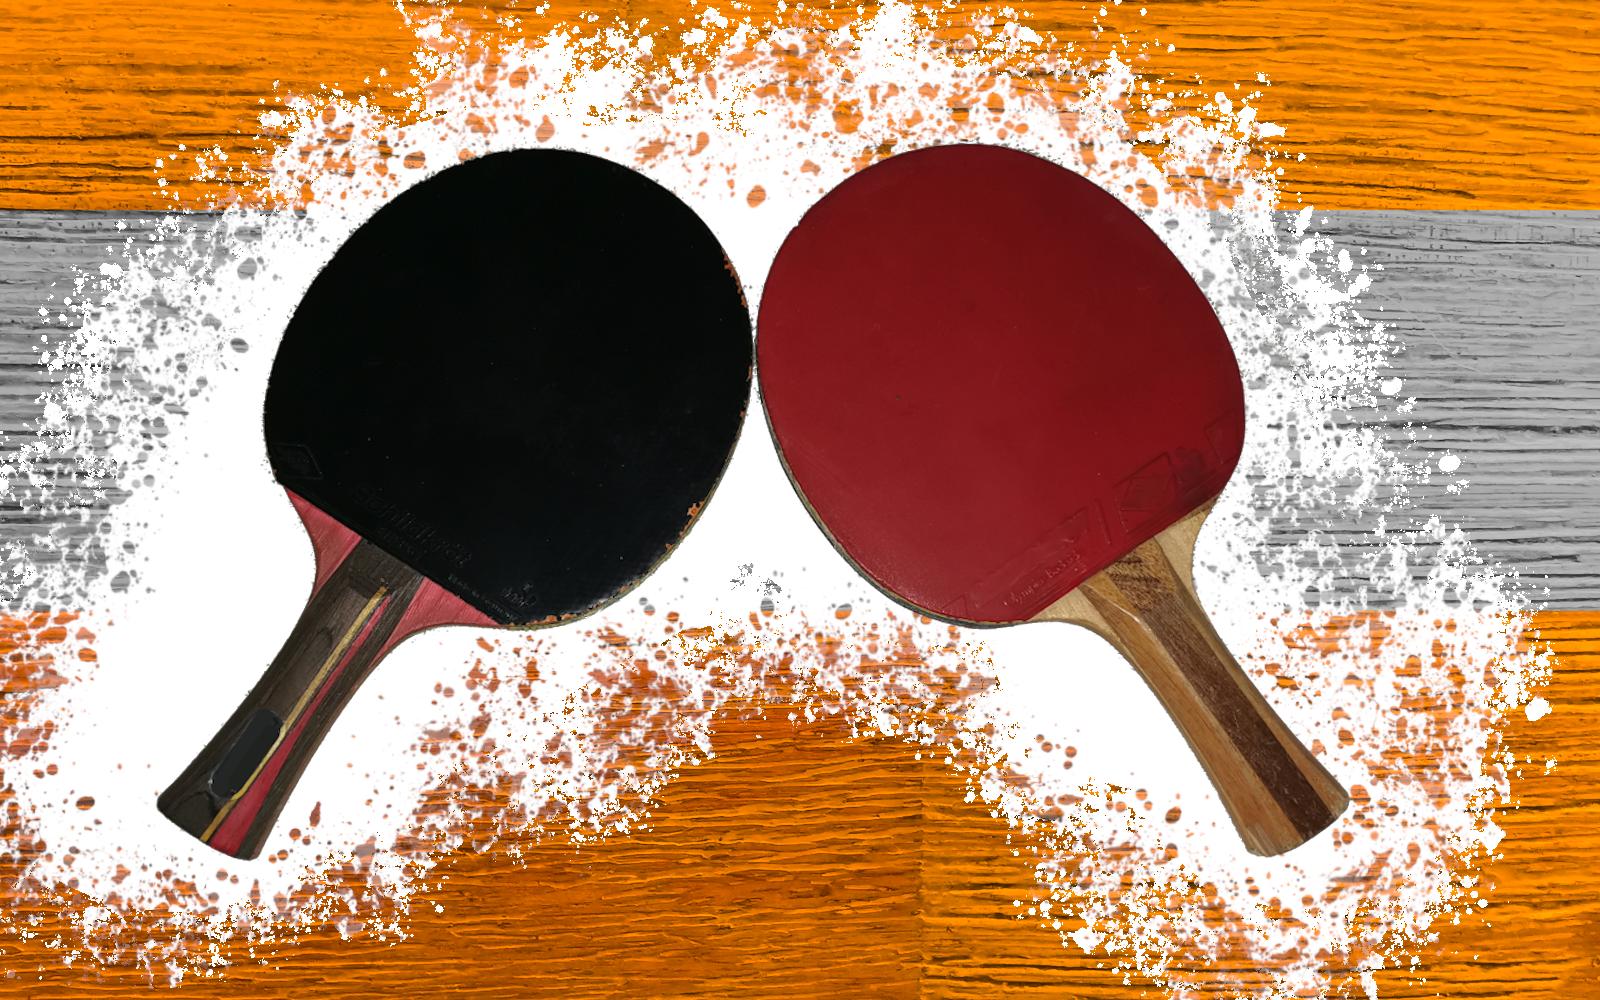 mein-hobby-finden-tischtennis-lernen